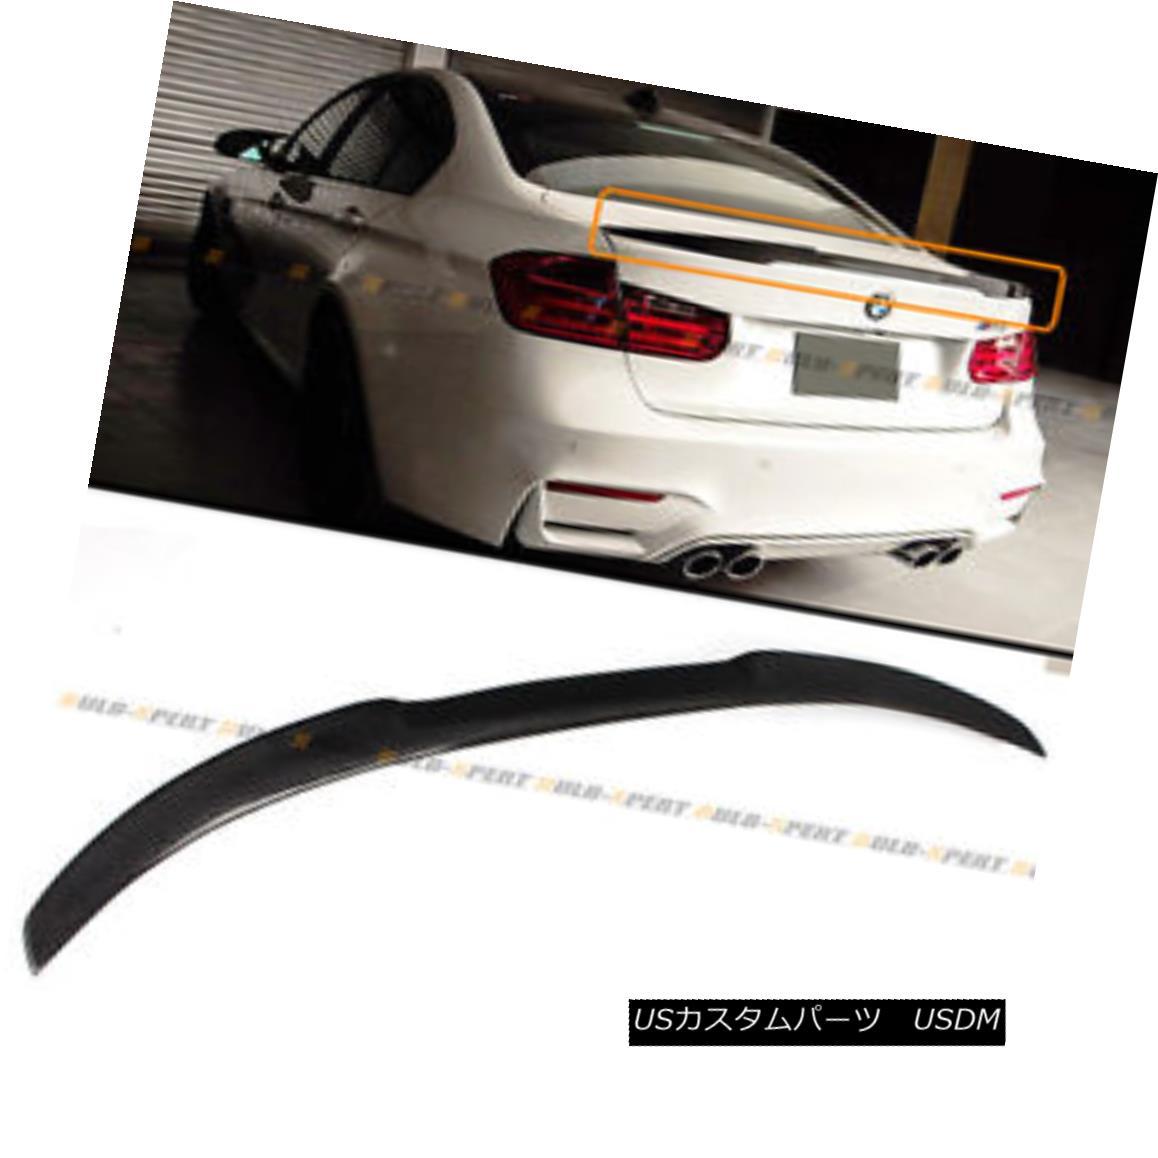 エアロパーツ For 2015-2018 BMW F80 M3 Carbon Fiber High Kick M4 Look Style Trunk Spoiler Wing 2015-2018 BMW F80 M3カーボンファイバーハイキックM4ルックスタイルトランク・スポイラーウィング